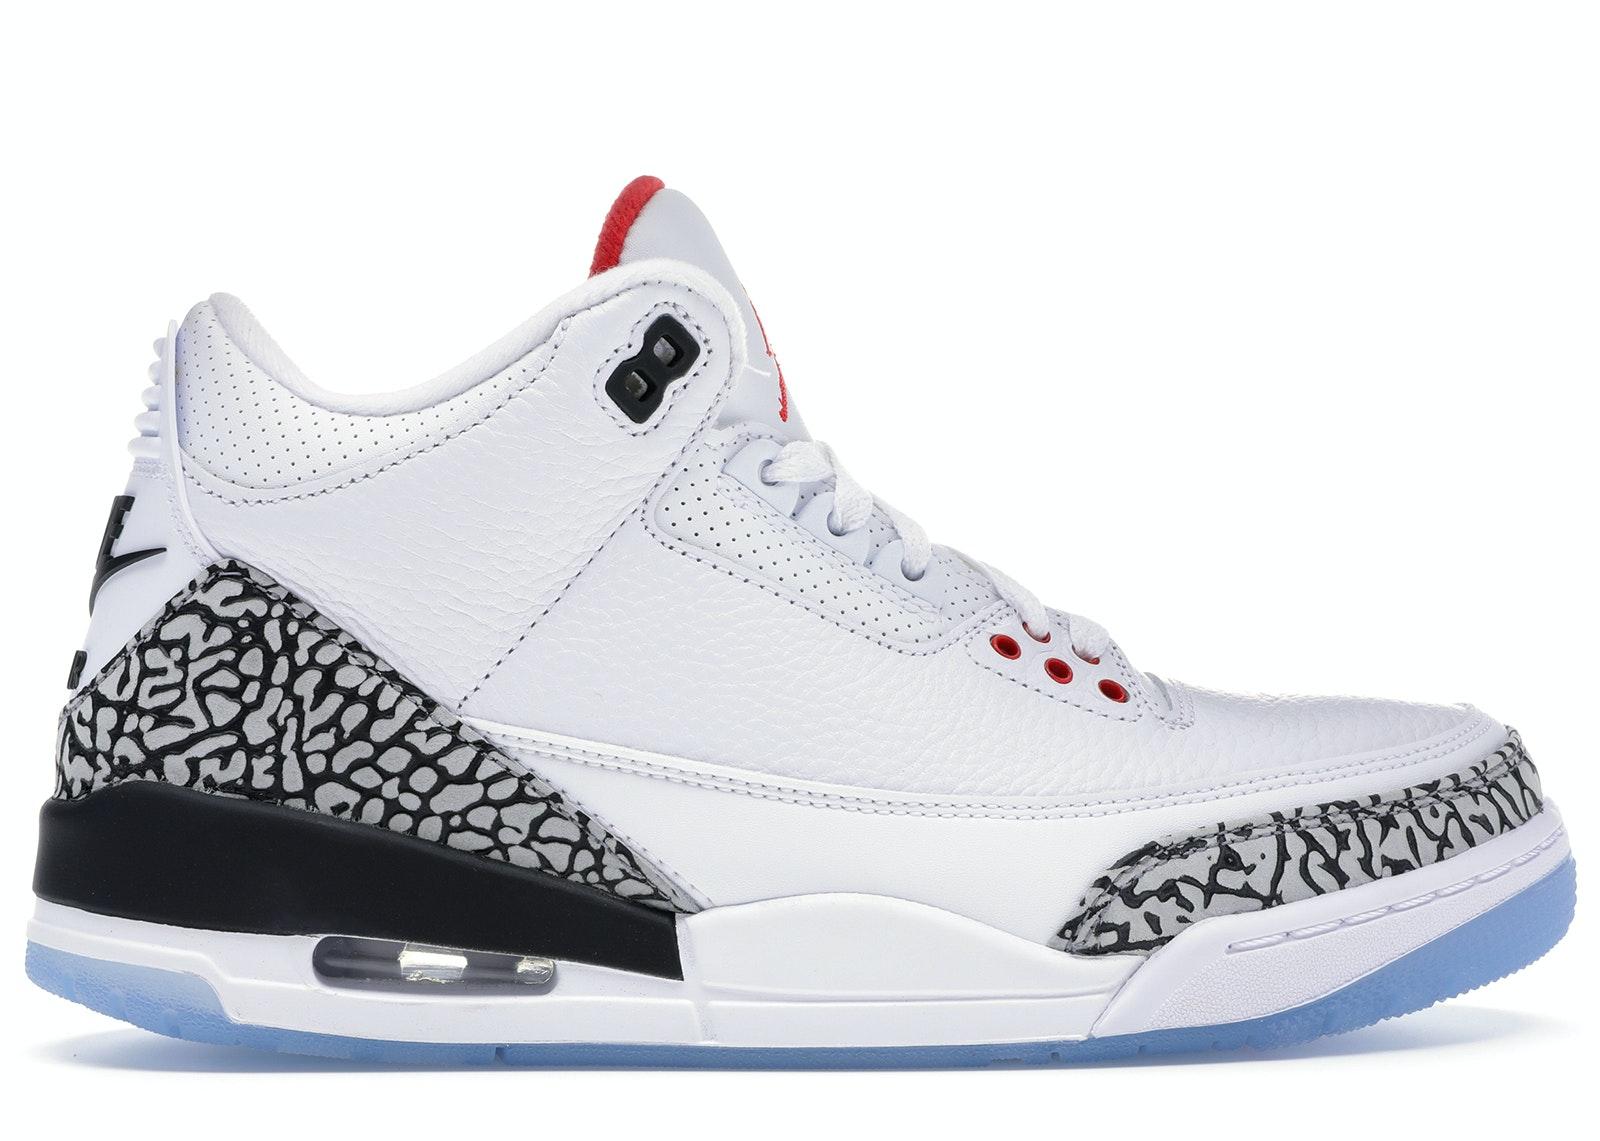 Jordan 3 Retro Free Throw Line White Cement